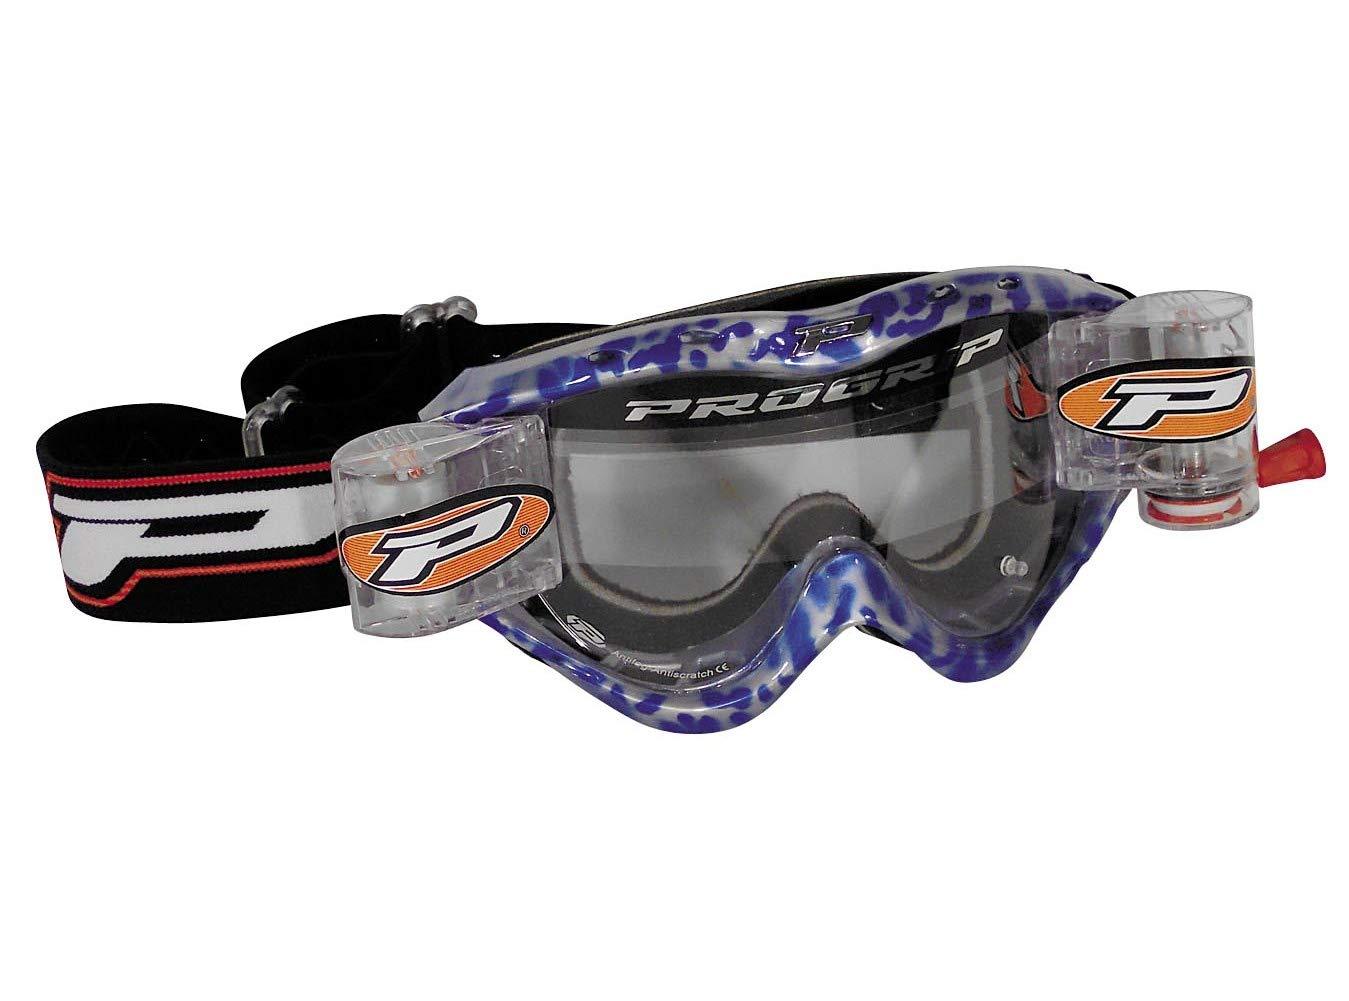 WGS Einstiegsleisten Einschtiegschutz Lackschutzleisten mit Abkantung Titan auf AluNox/® 2082-703